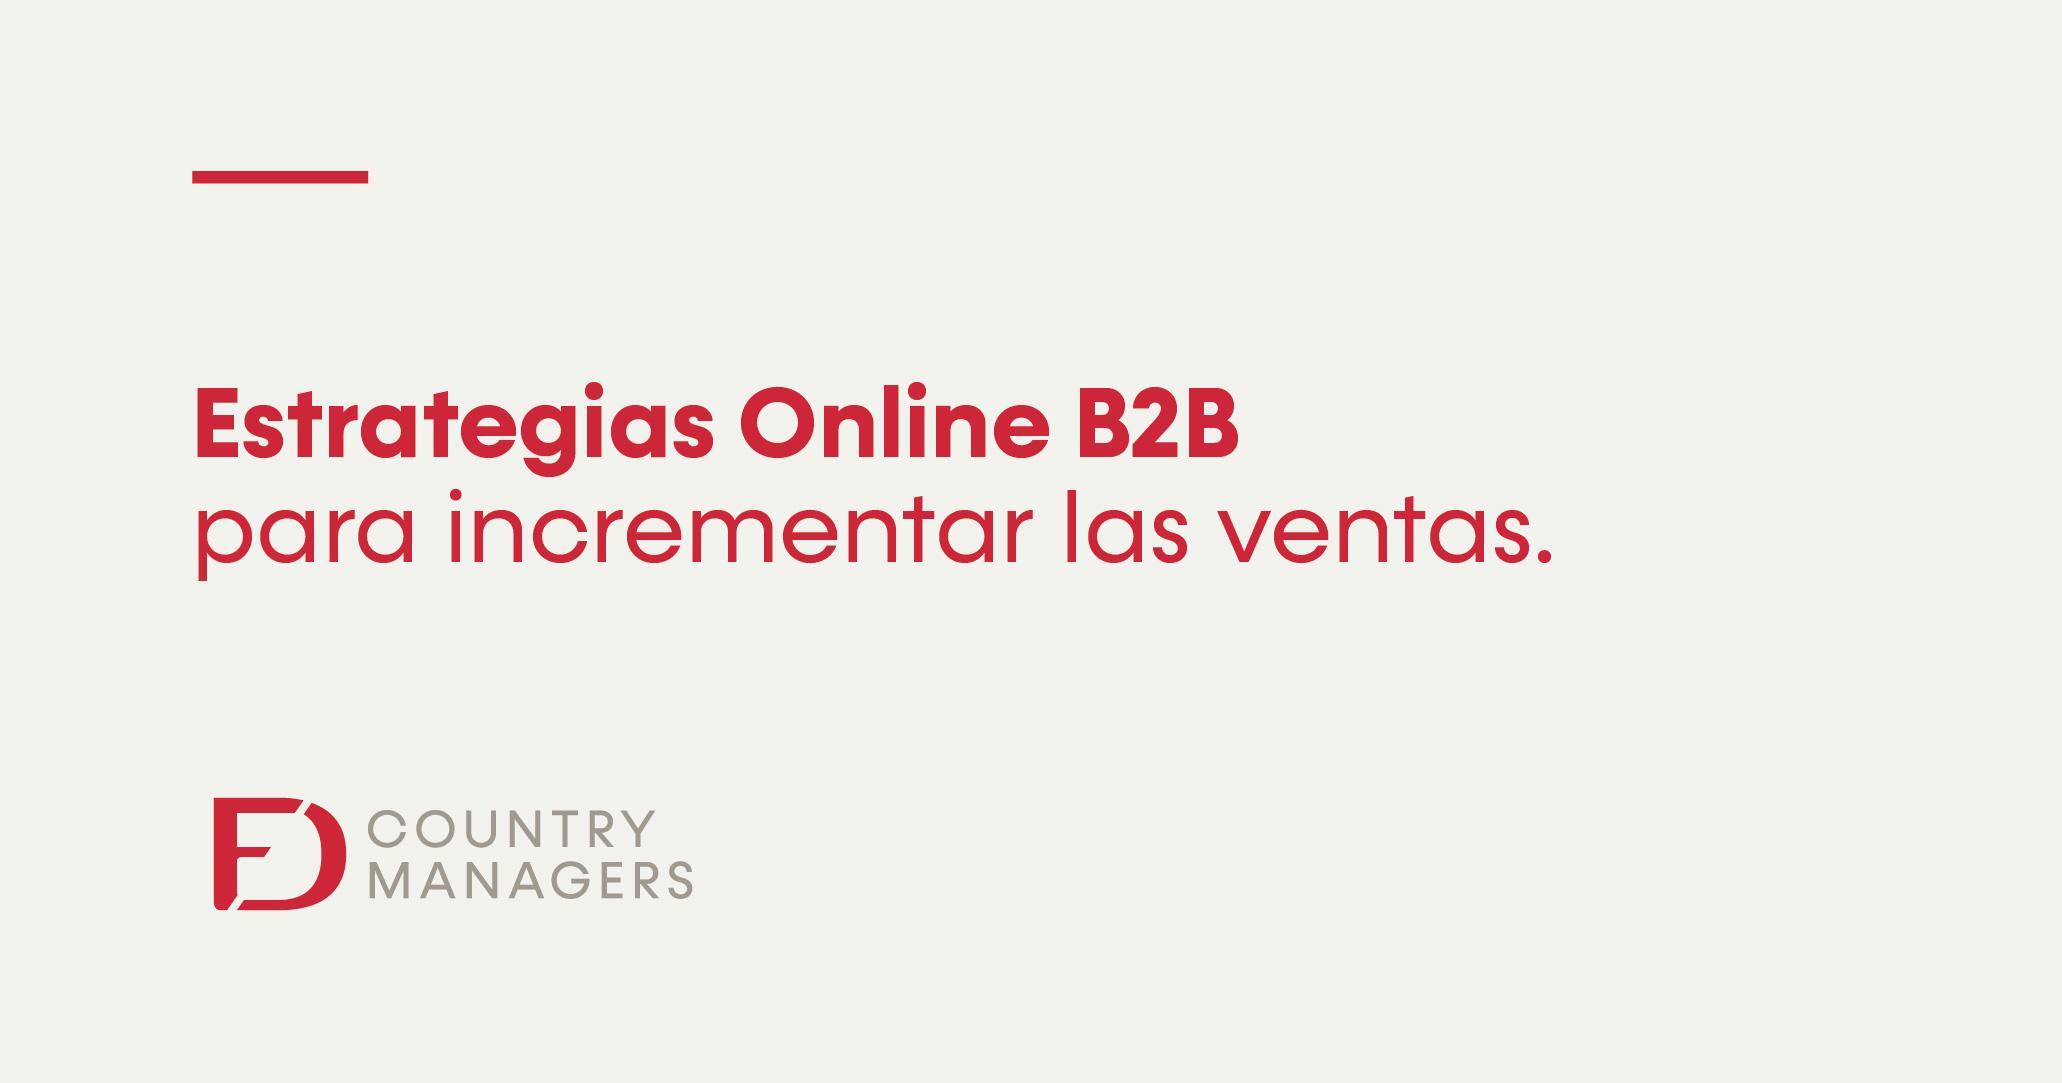 Estrategias online B2B para incrementar las ventas